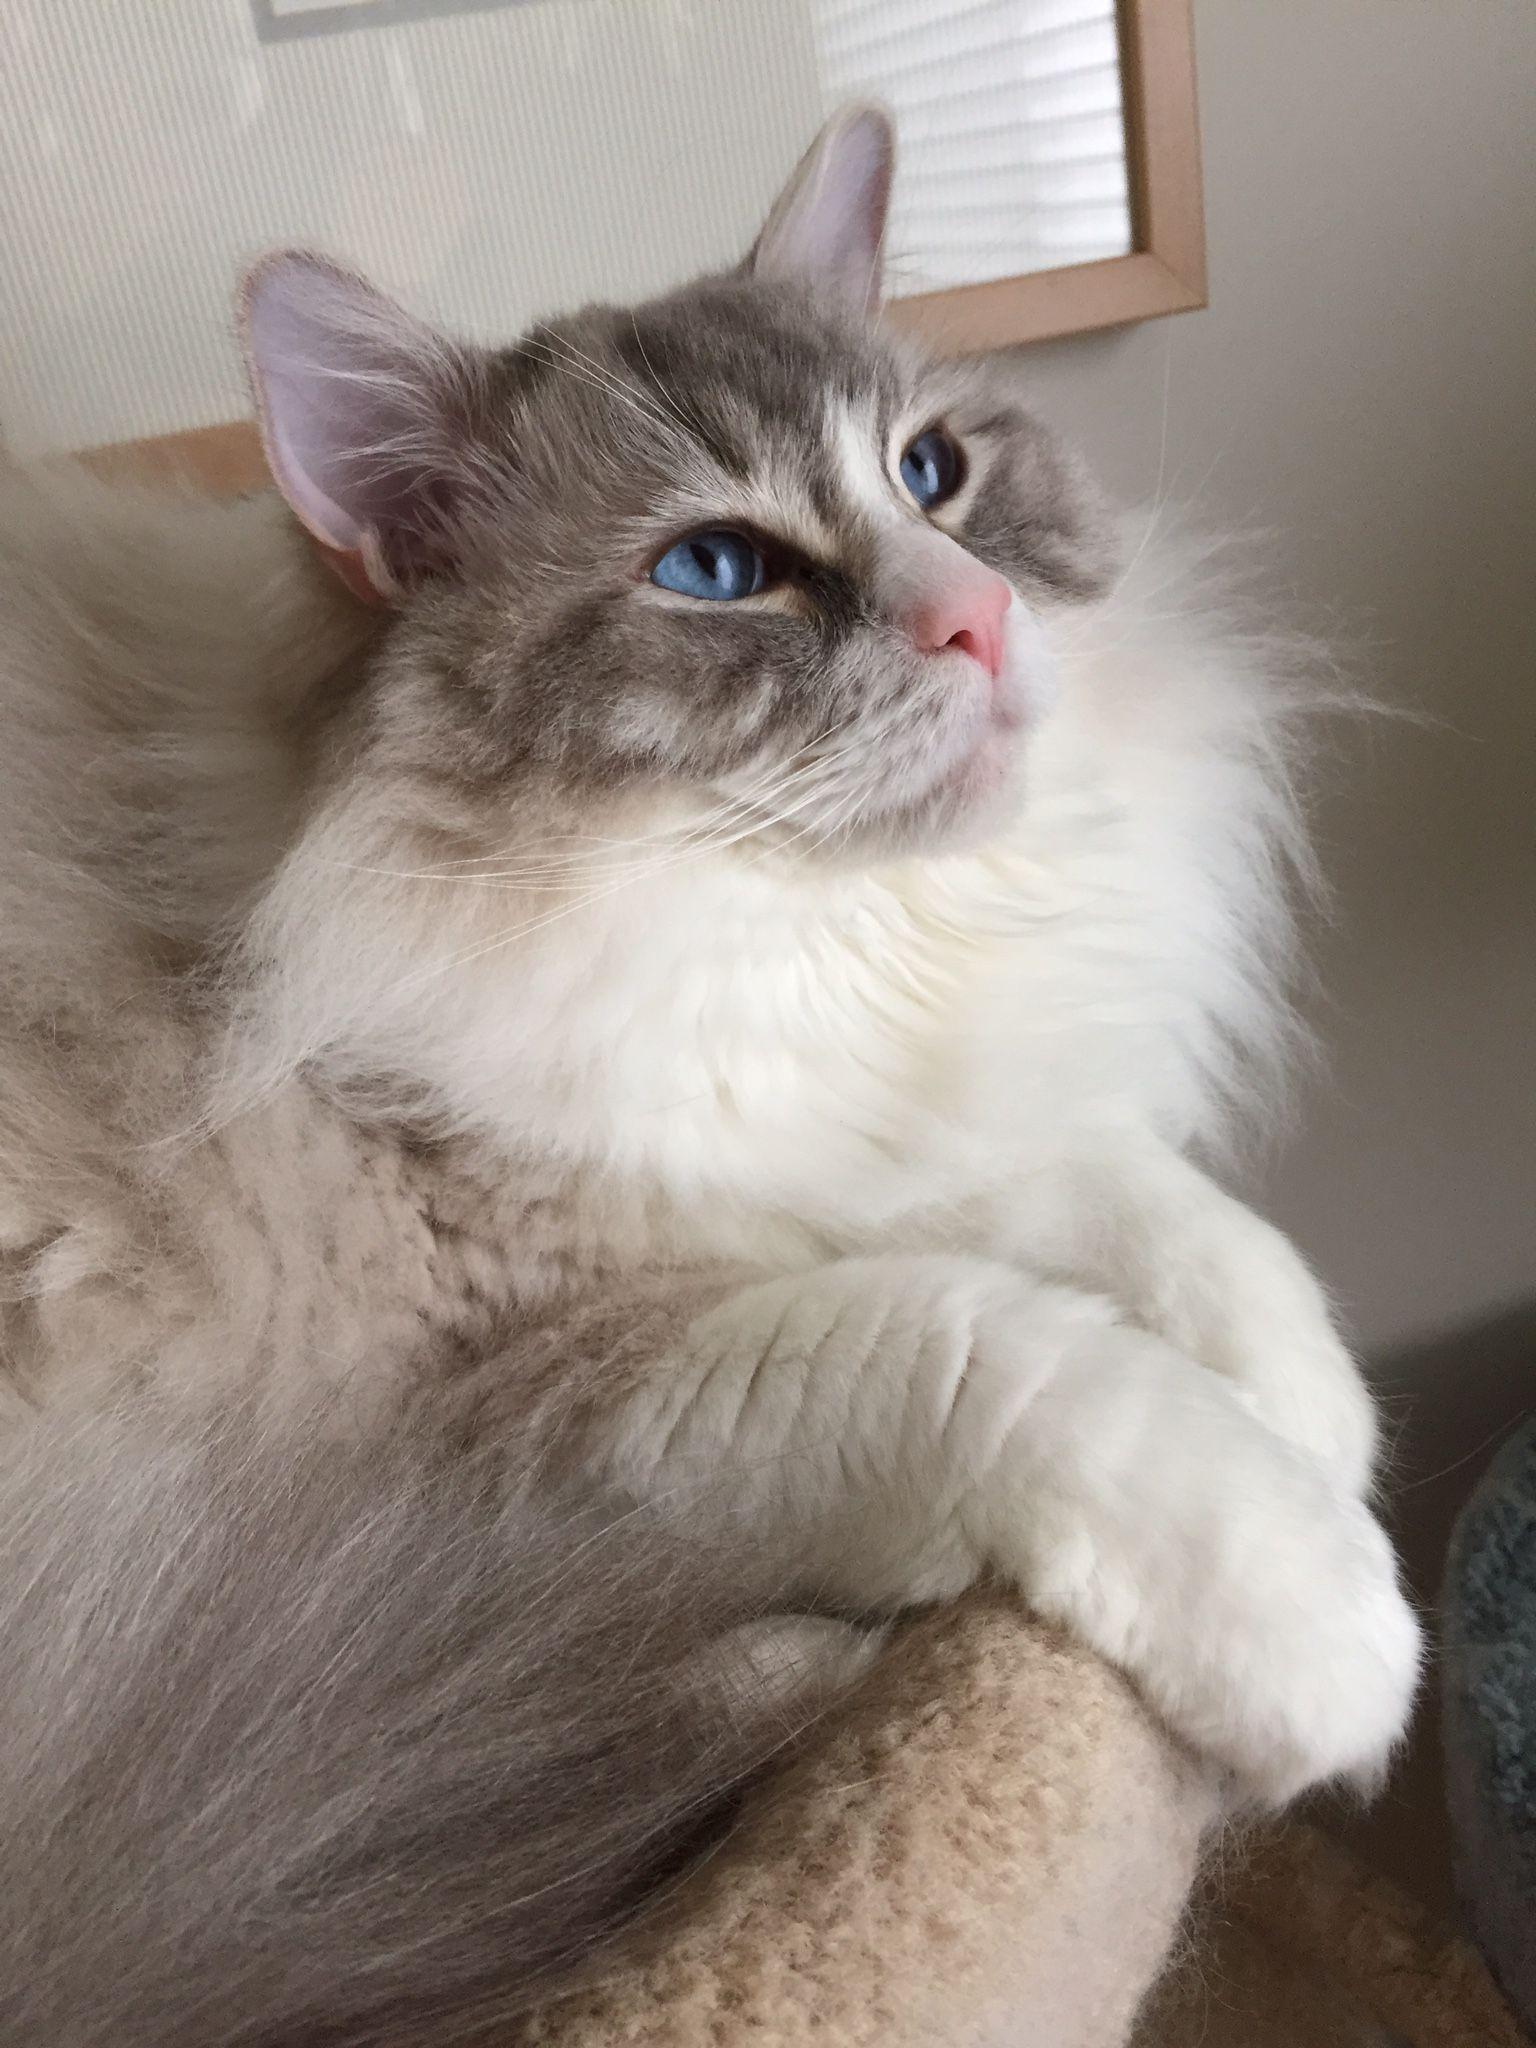 Coopurr Pretty Cats Ragdoll Cat Cat Furry